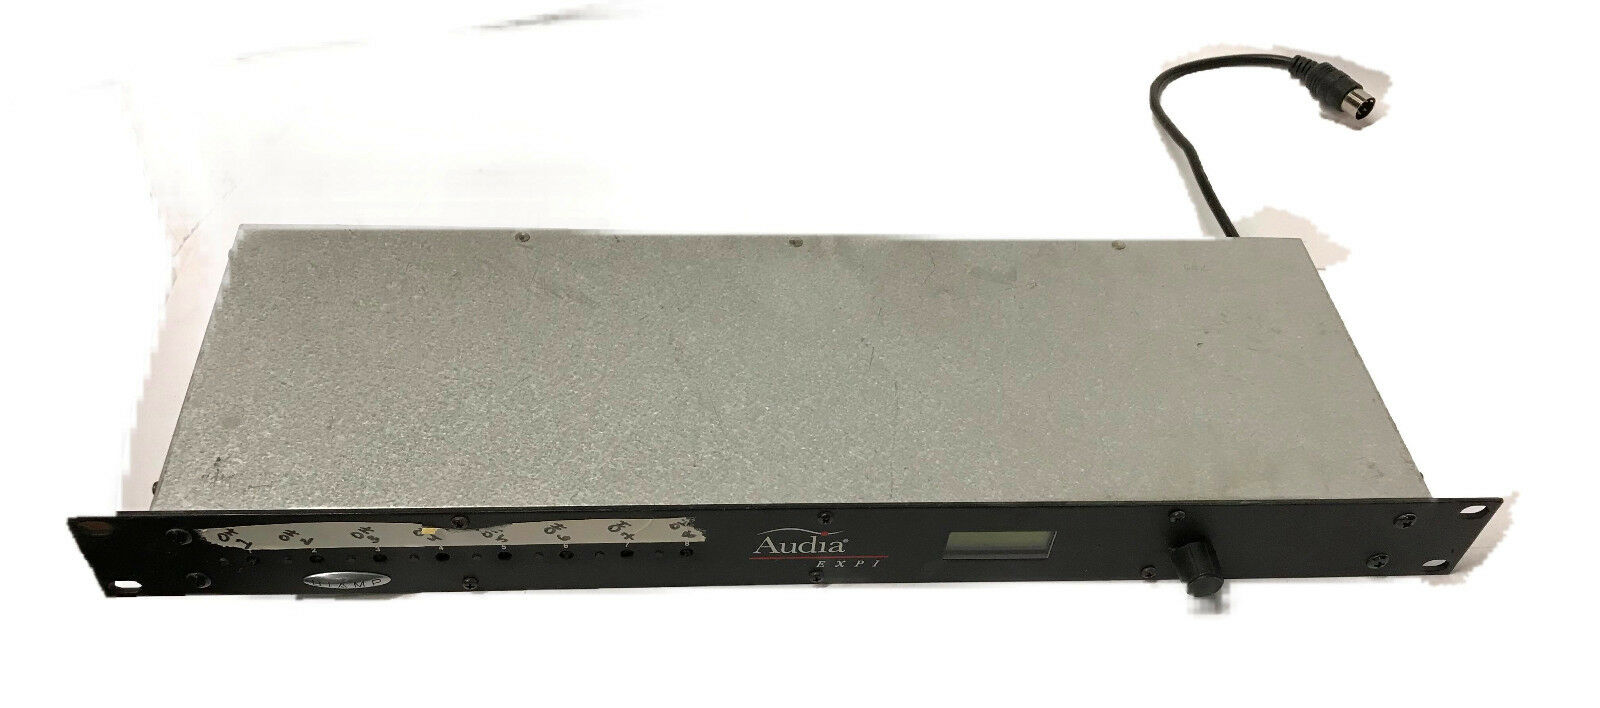 Biamp Audia EXPI Audia 8 Input Expander Rackmount 1ru ( no AC adapter)